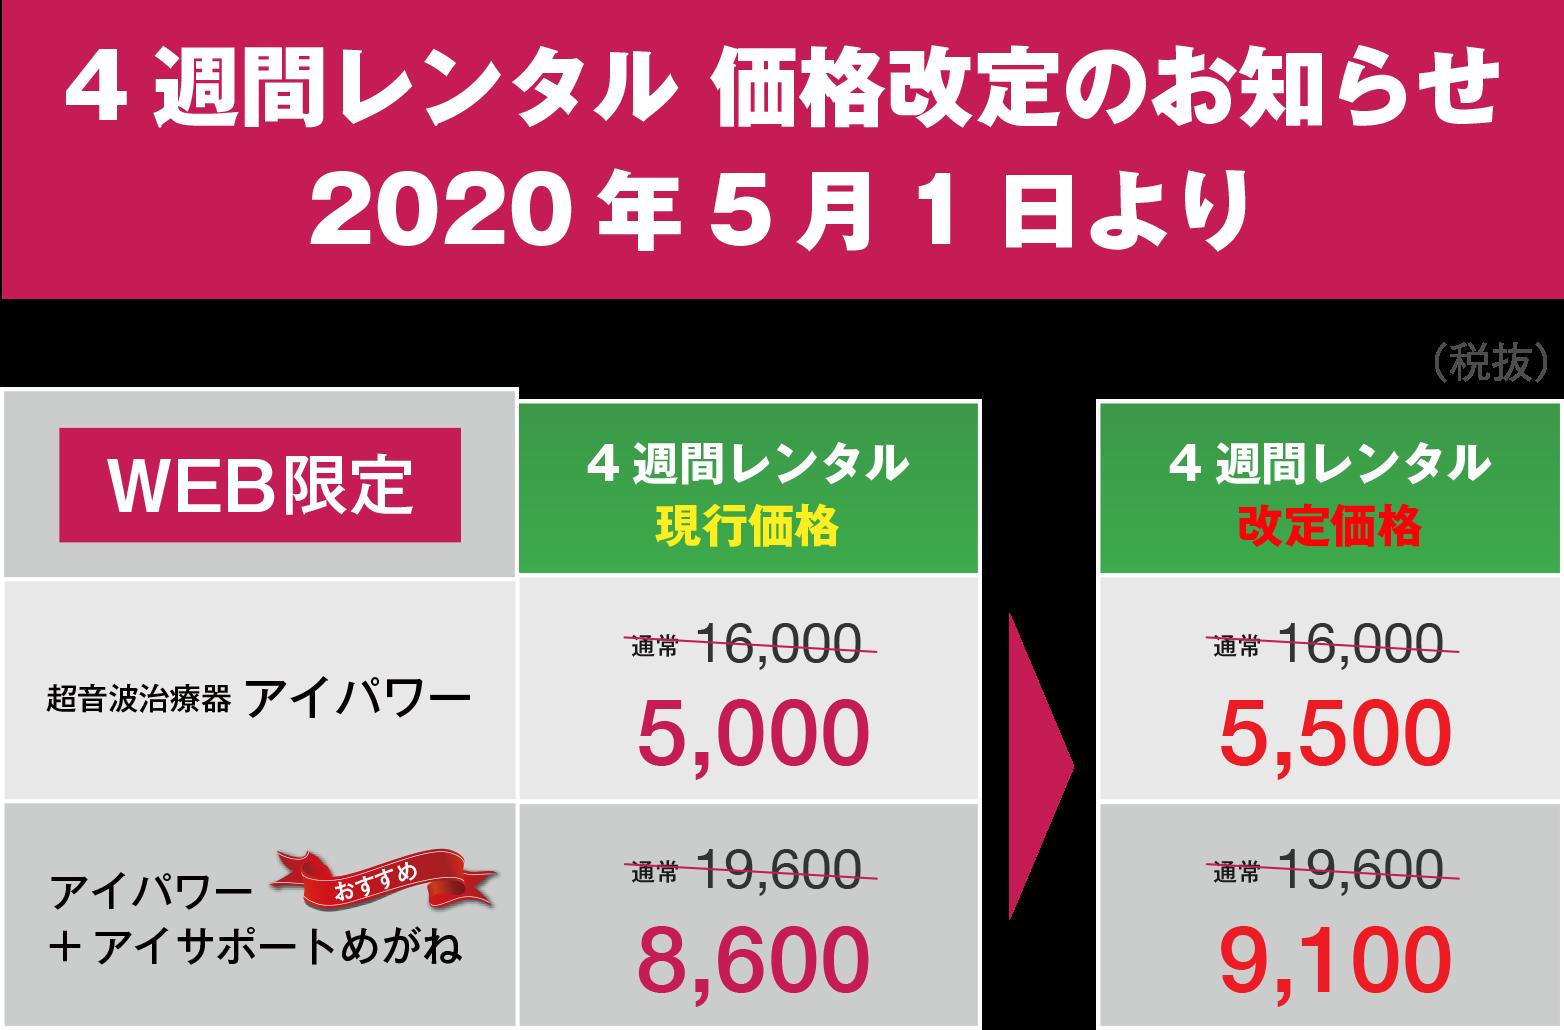 4週間レンタル 価格改定のお知らせ 2020年5月1日より